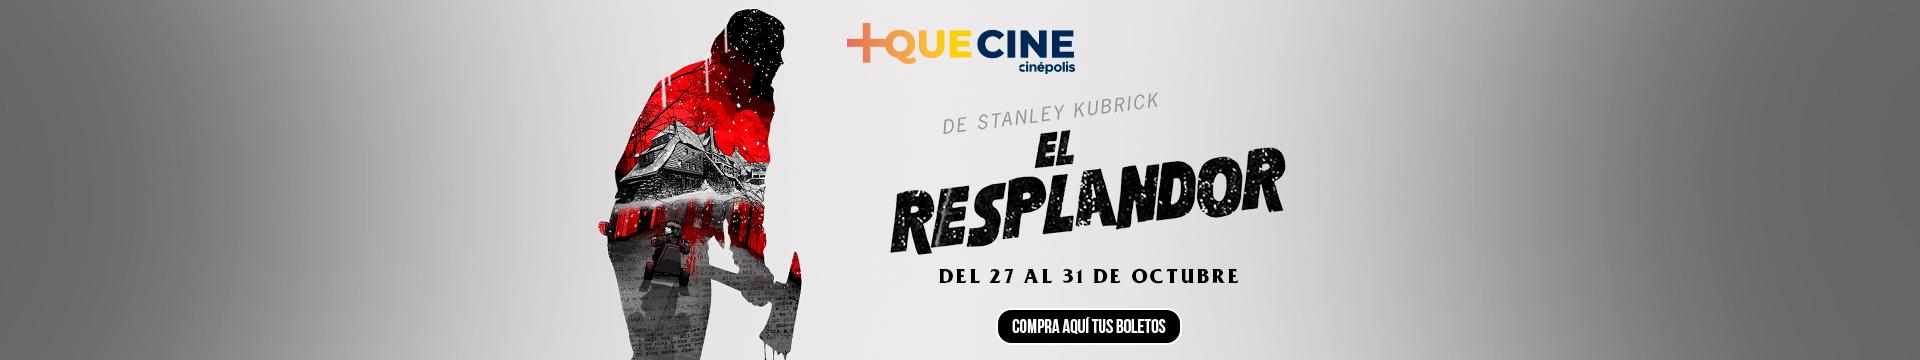 +Que Cine: El Resplandor